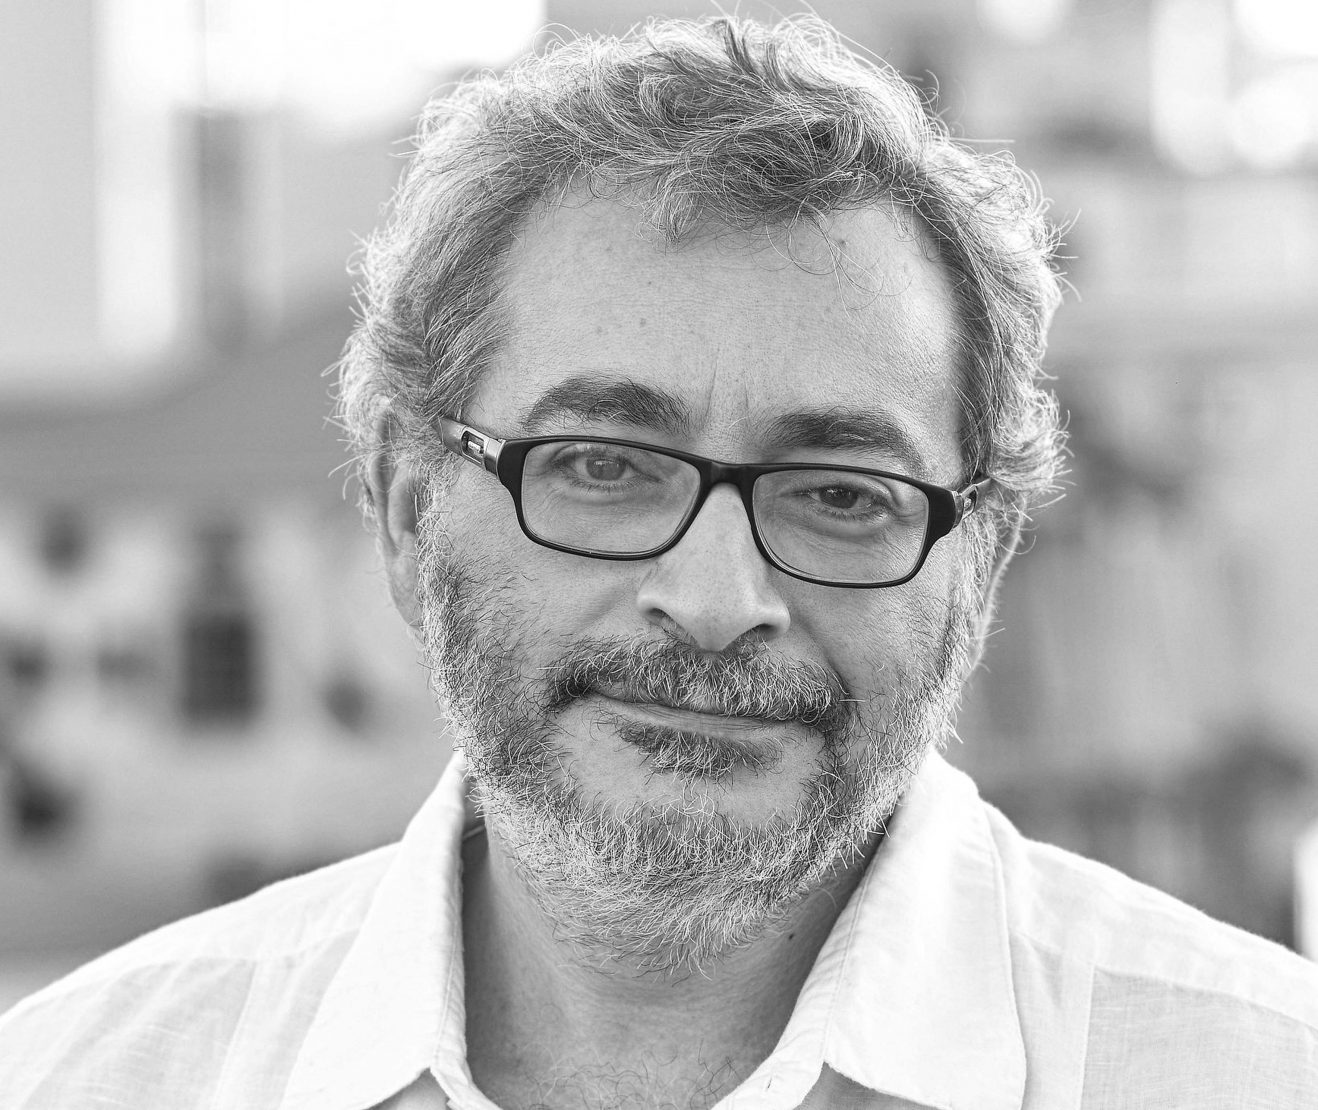 حسام عيتاني - كاتب لبناني